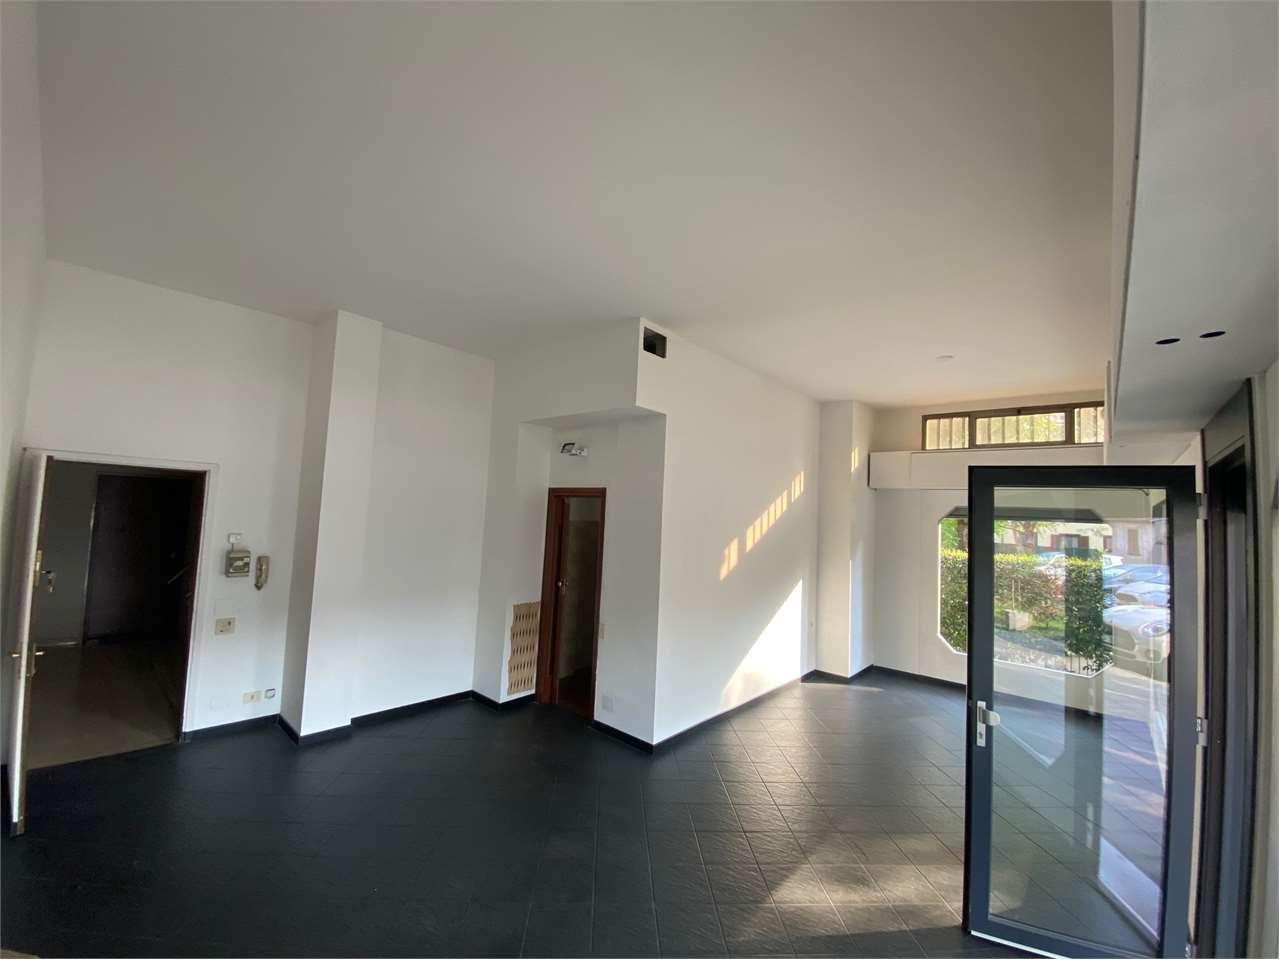 Negozio / Locale in affitto a Lurate Caccivio, 1 locali, prezzo € 700 | CambioCasa.it